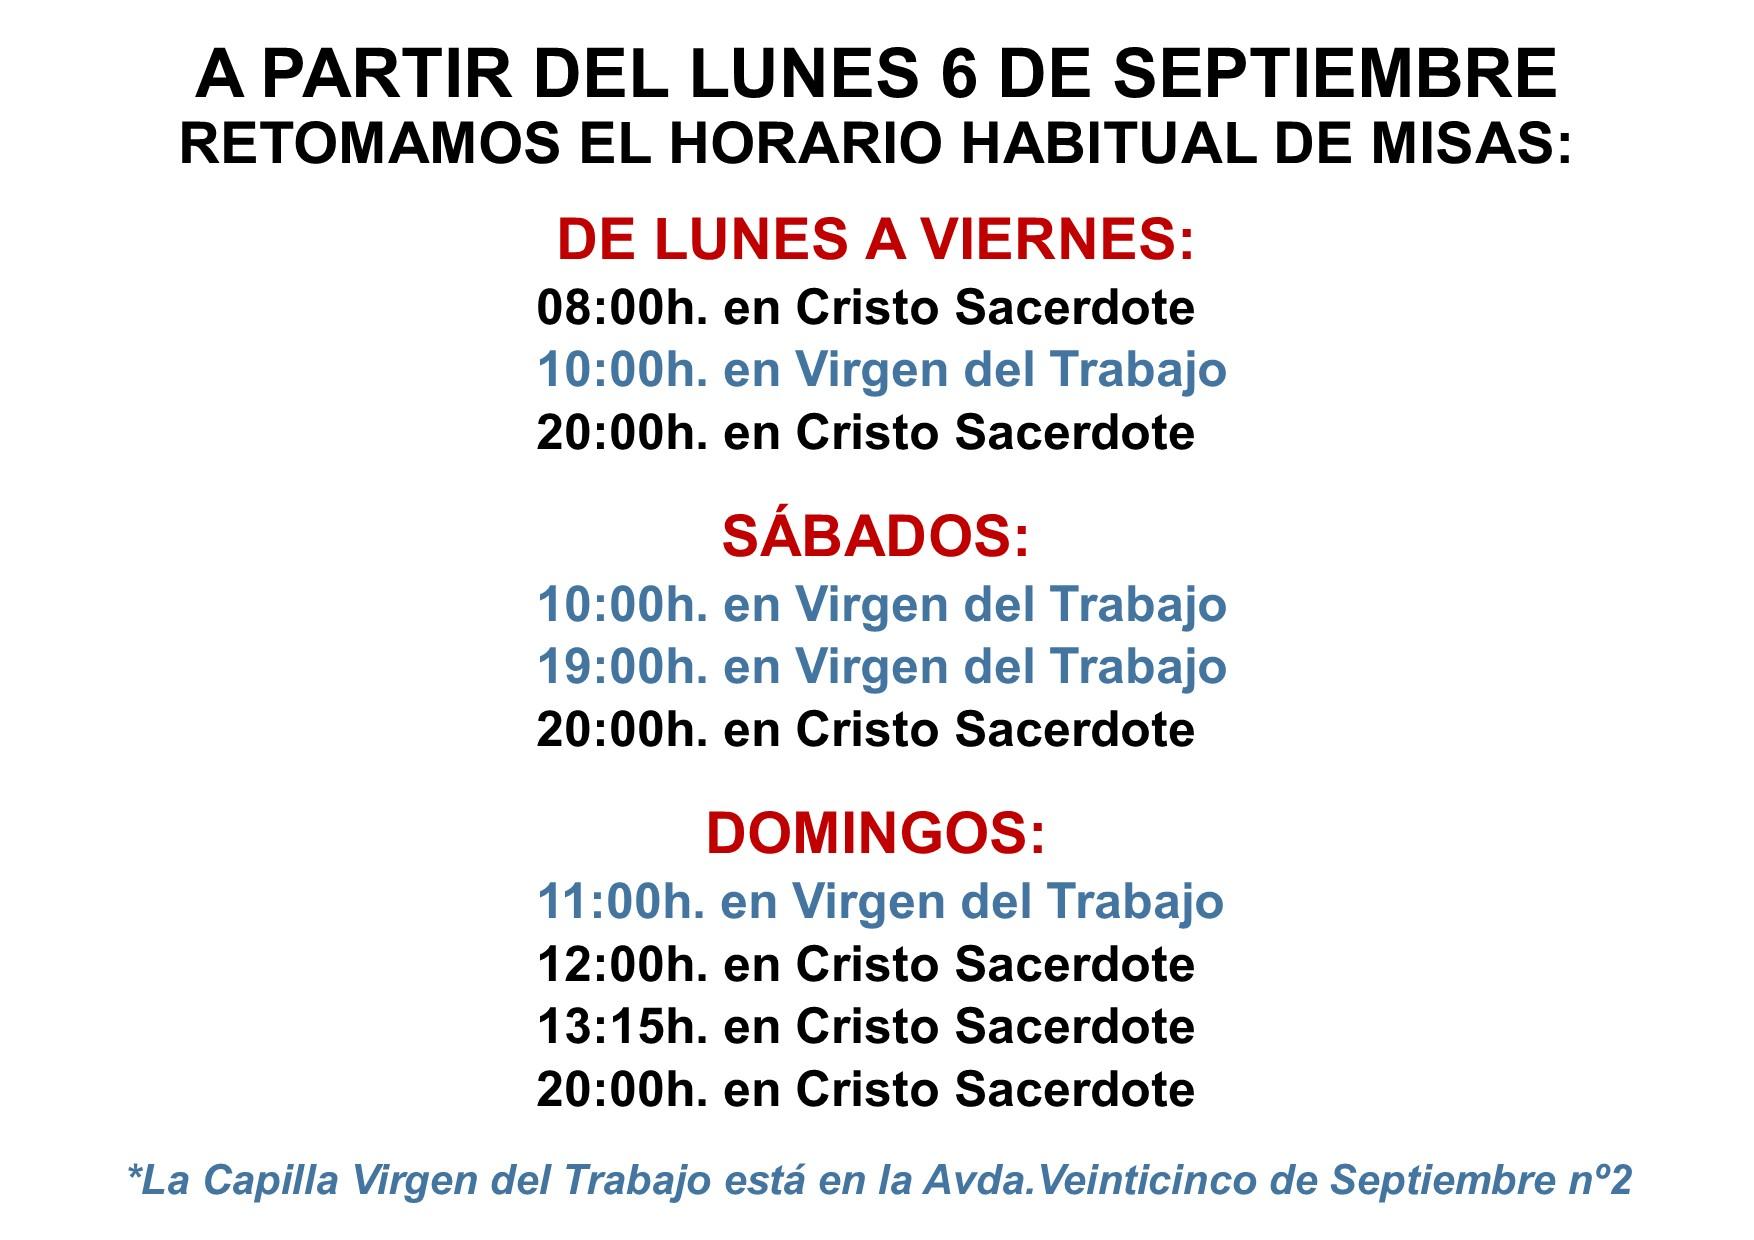 El lunes 7 de septiembre comienza el nuevo horario de misas